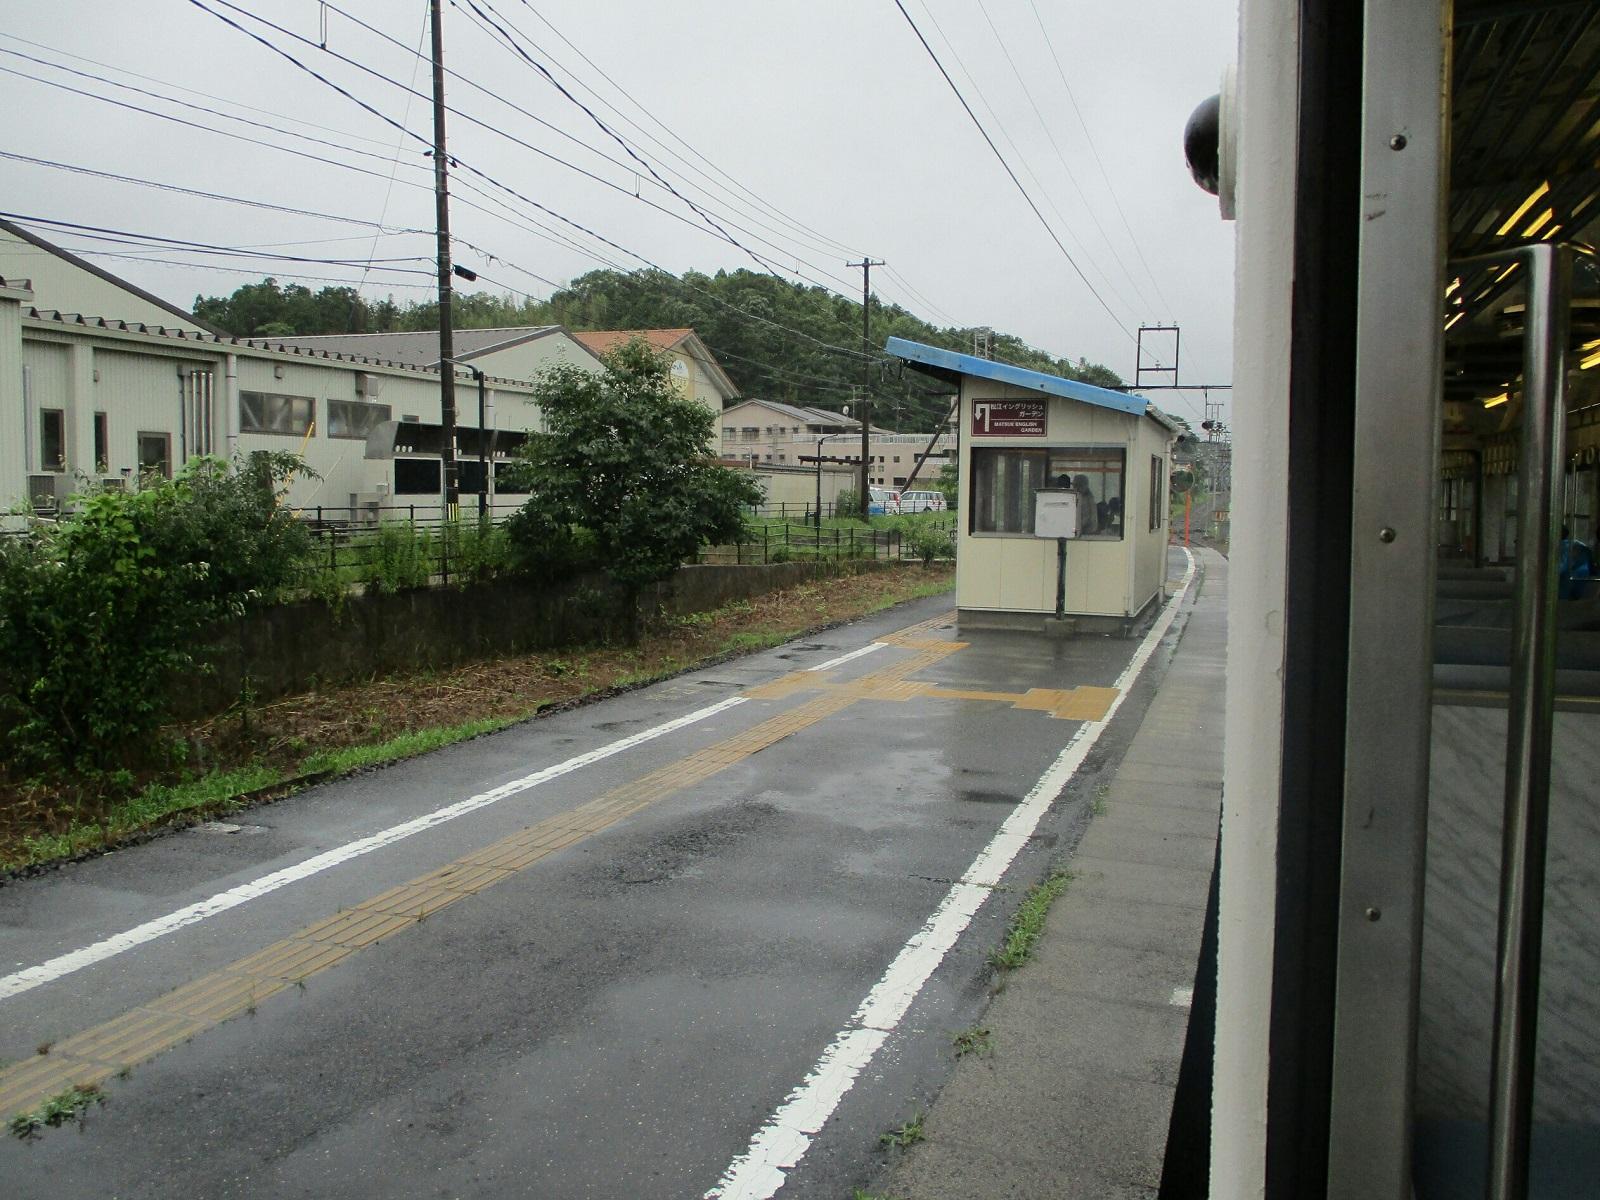 2018.7.6 (180) 松江しんじ湖温泉いきふつう - 松江イングリッシュガーデン前 1600-1200